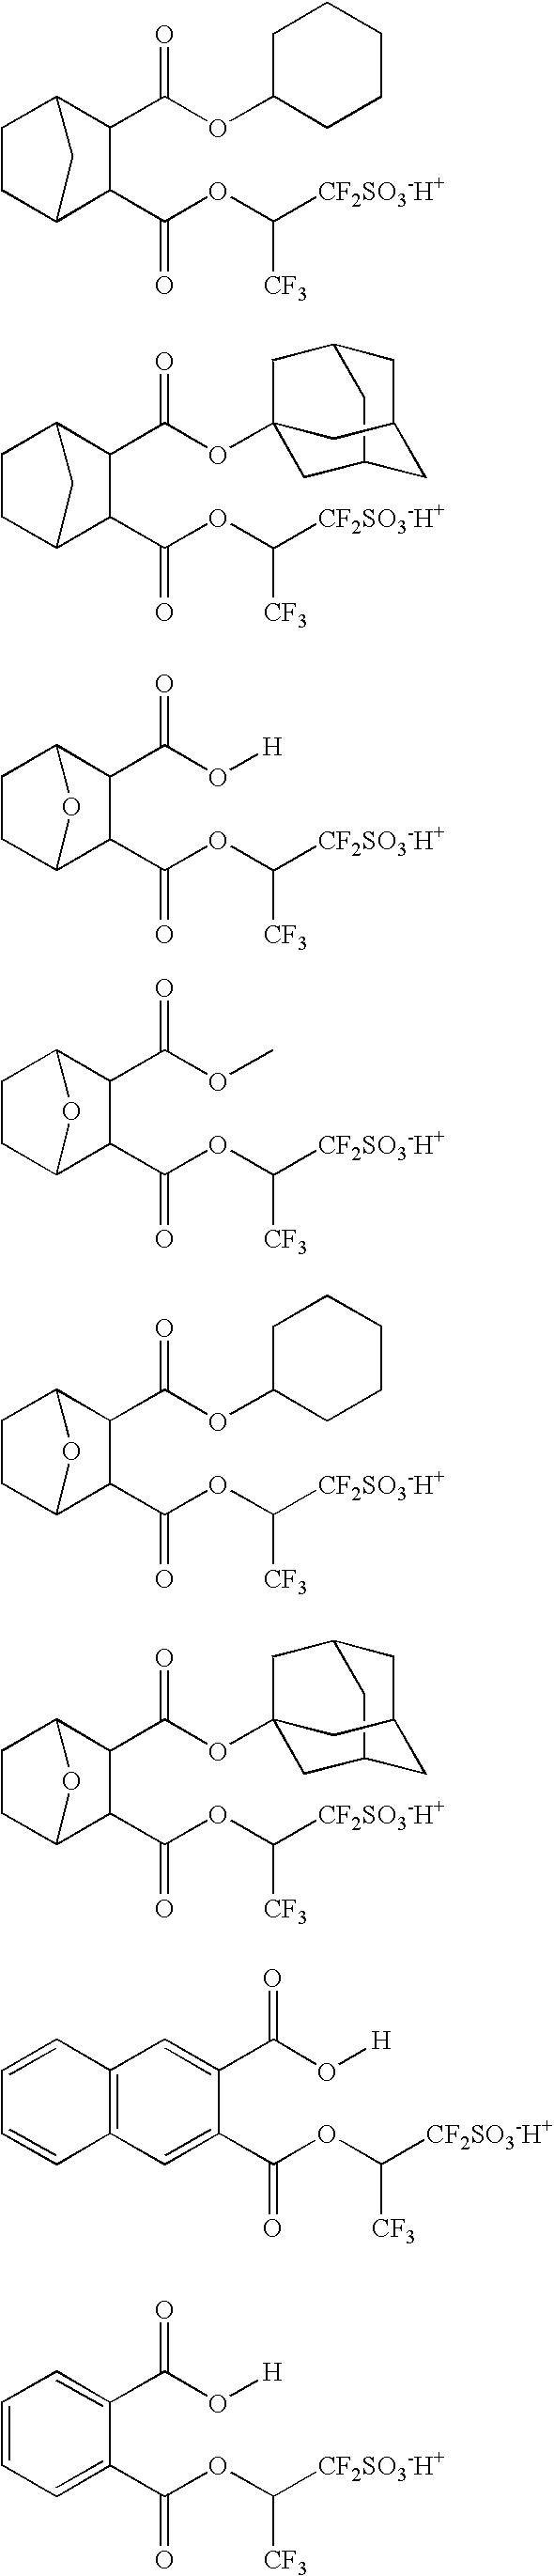 Figure US20080085469A1-20080410-C00007